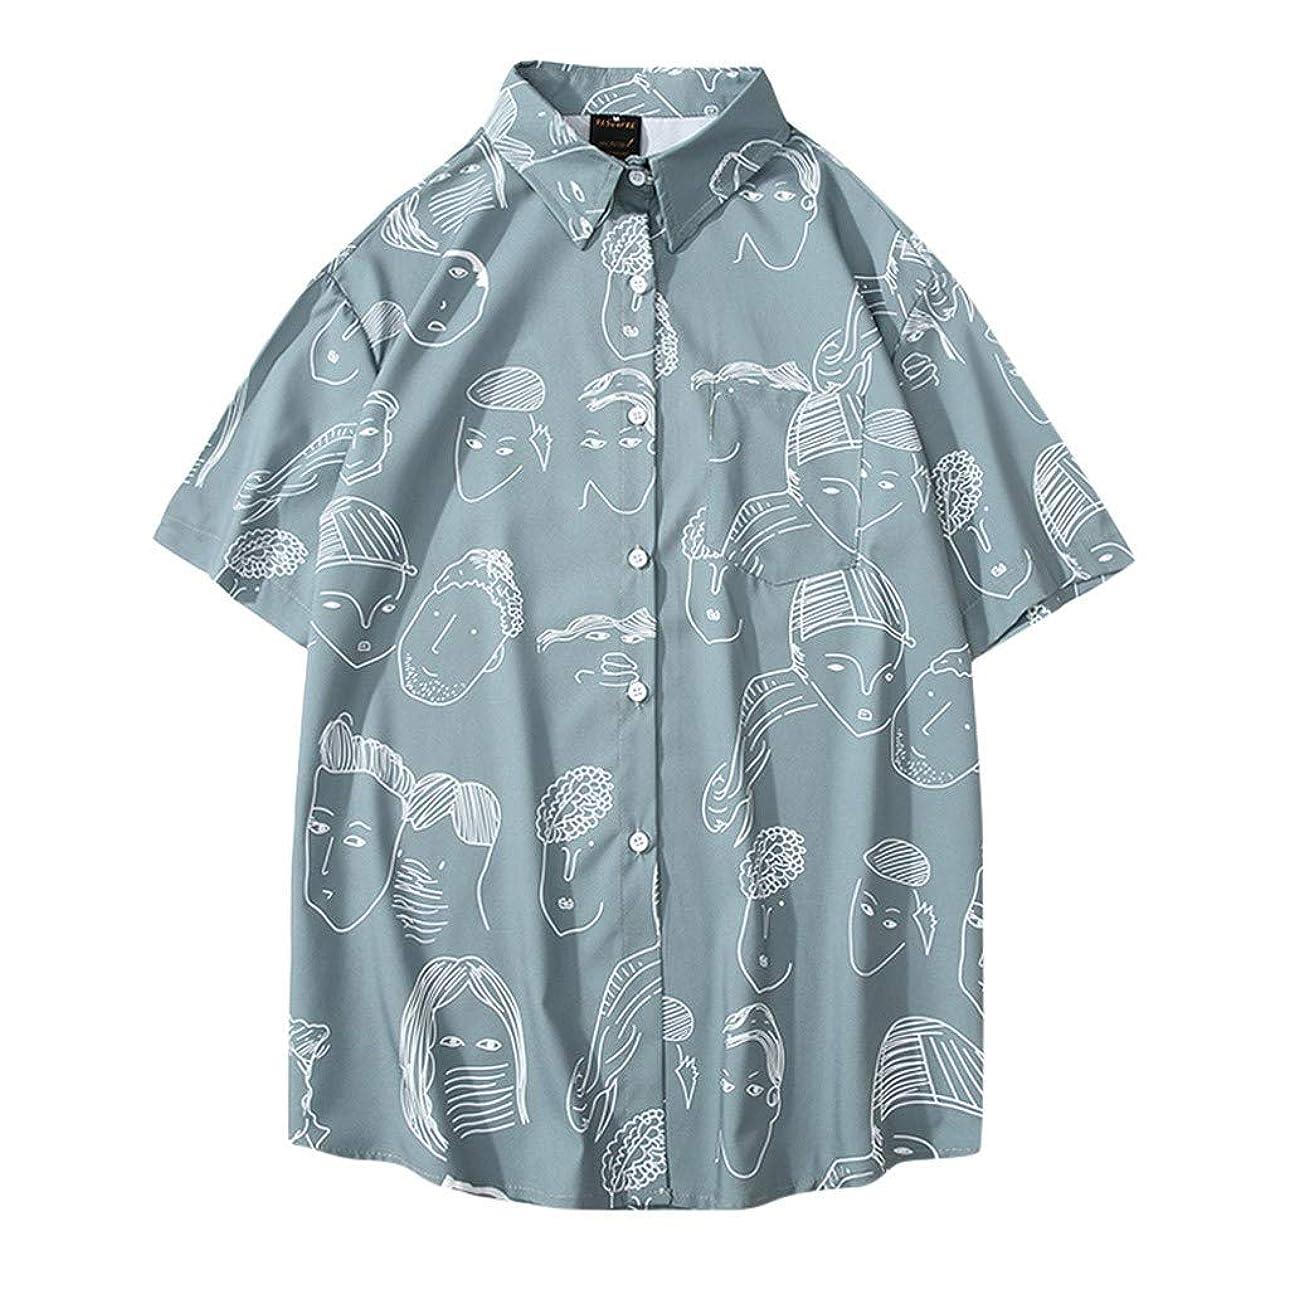 怖がらせる男らしい勇敢なAster JaKi メンズ カジュアル シャツ 春夏 半袖 ゆったり おもしろ プリント アロハシャツ 通気速乾 トップス